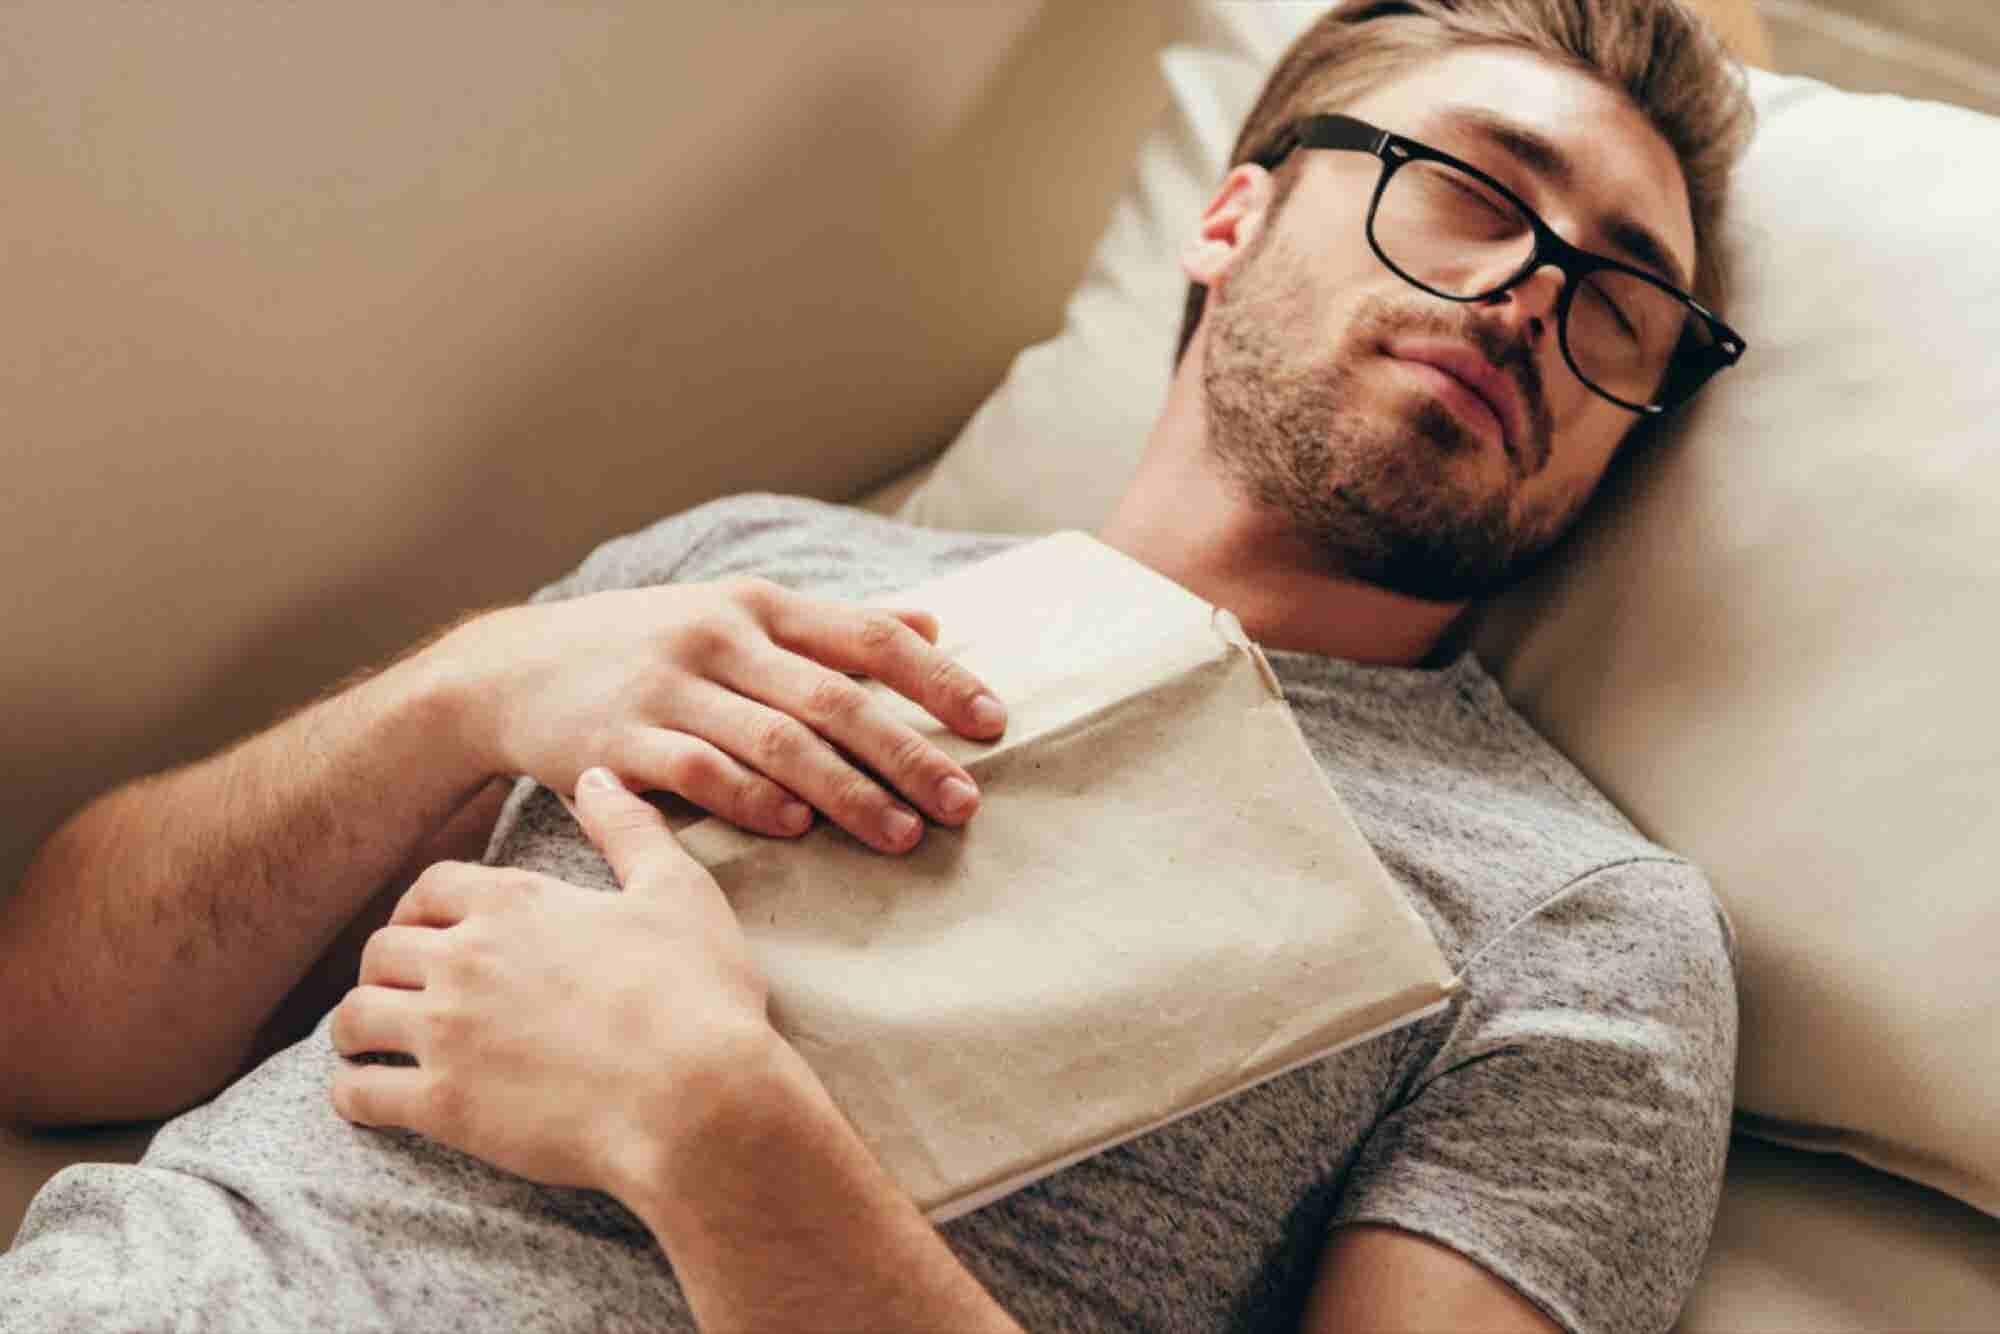 Galería: 5 mitos comunes sobre el sueño que son mentira